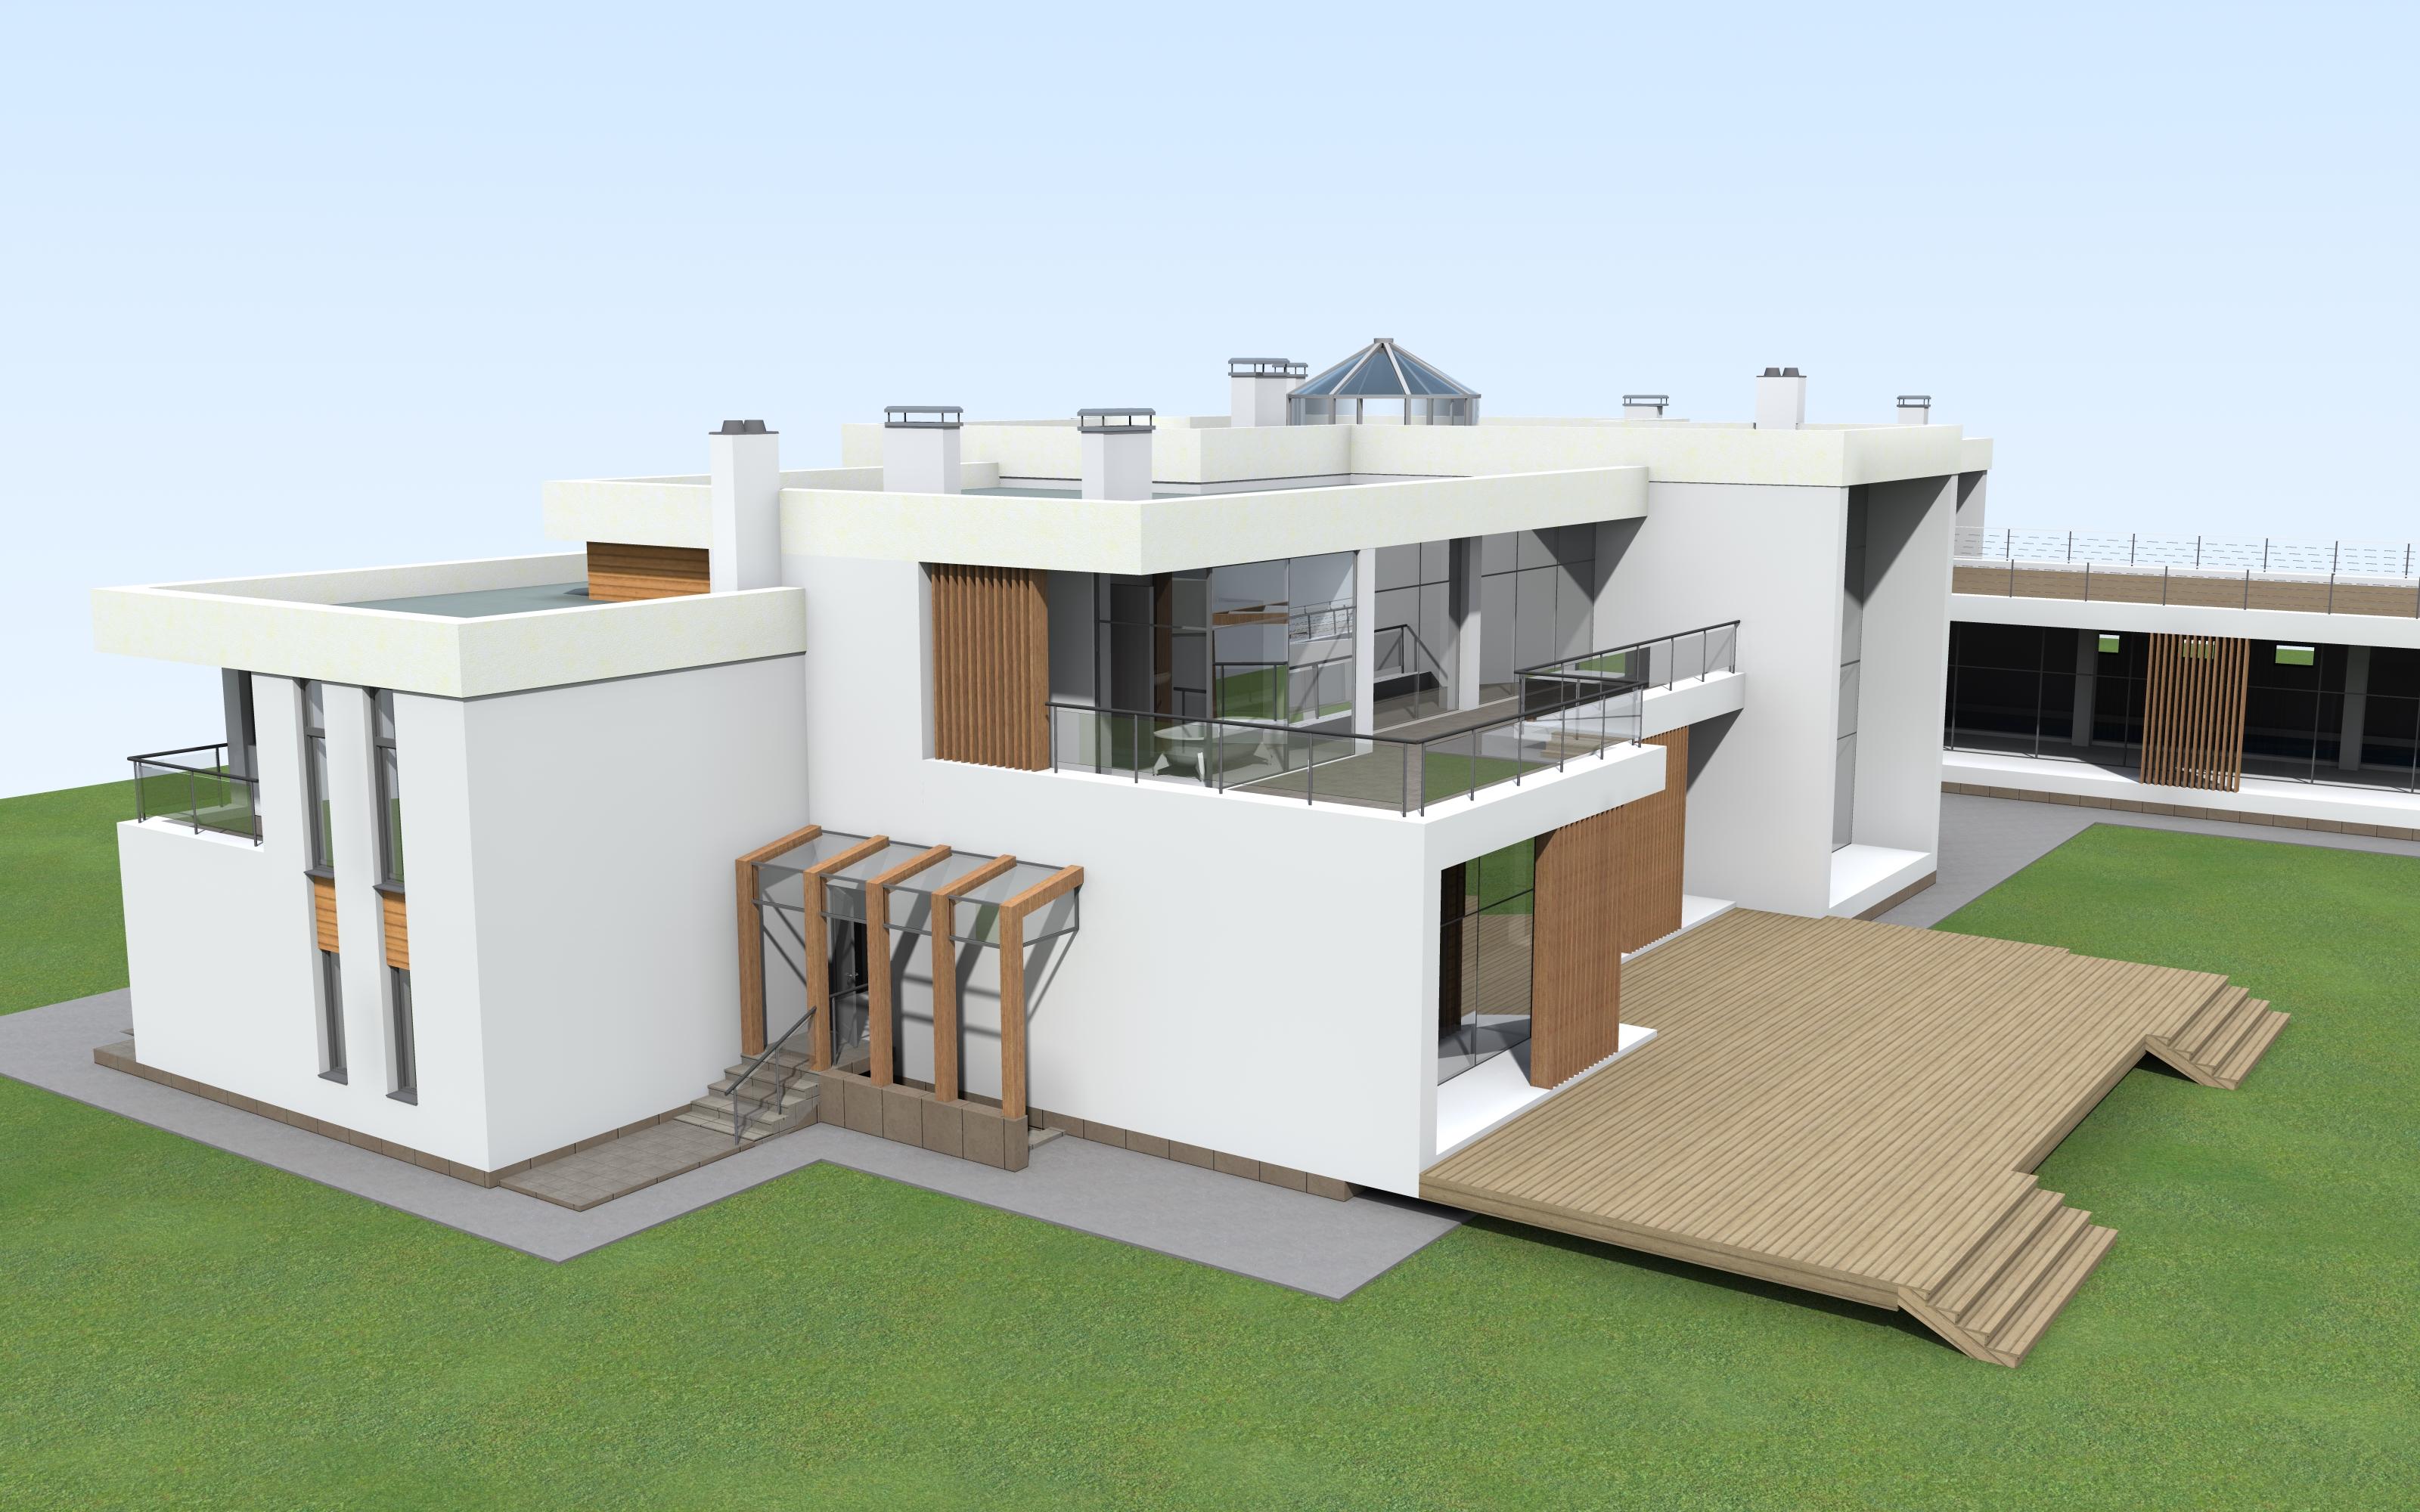 индивидуального жилого дома проектирование